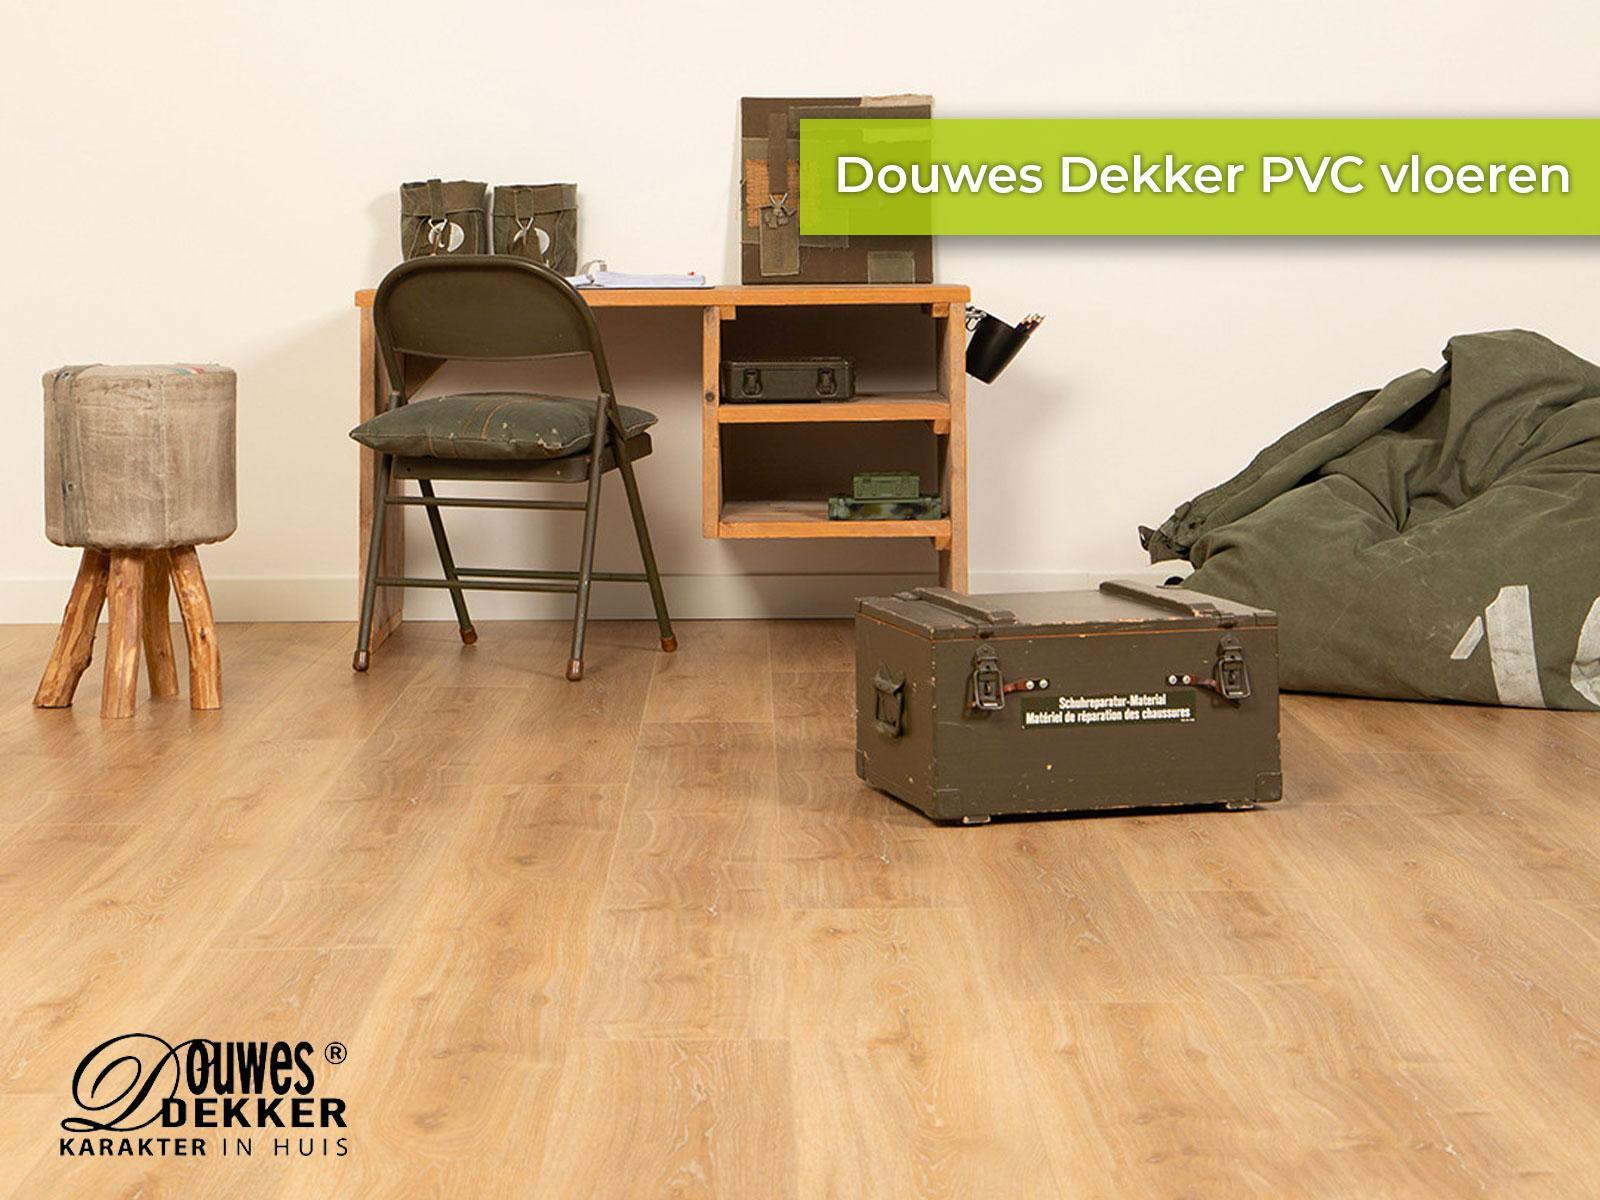 Douwes Dekker PVC vloer